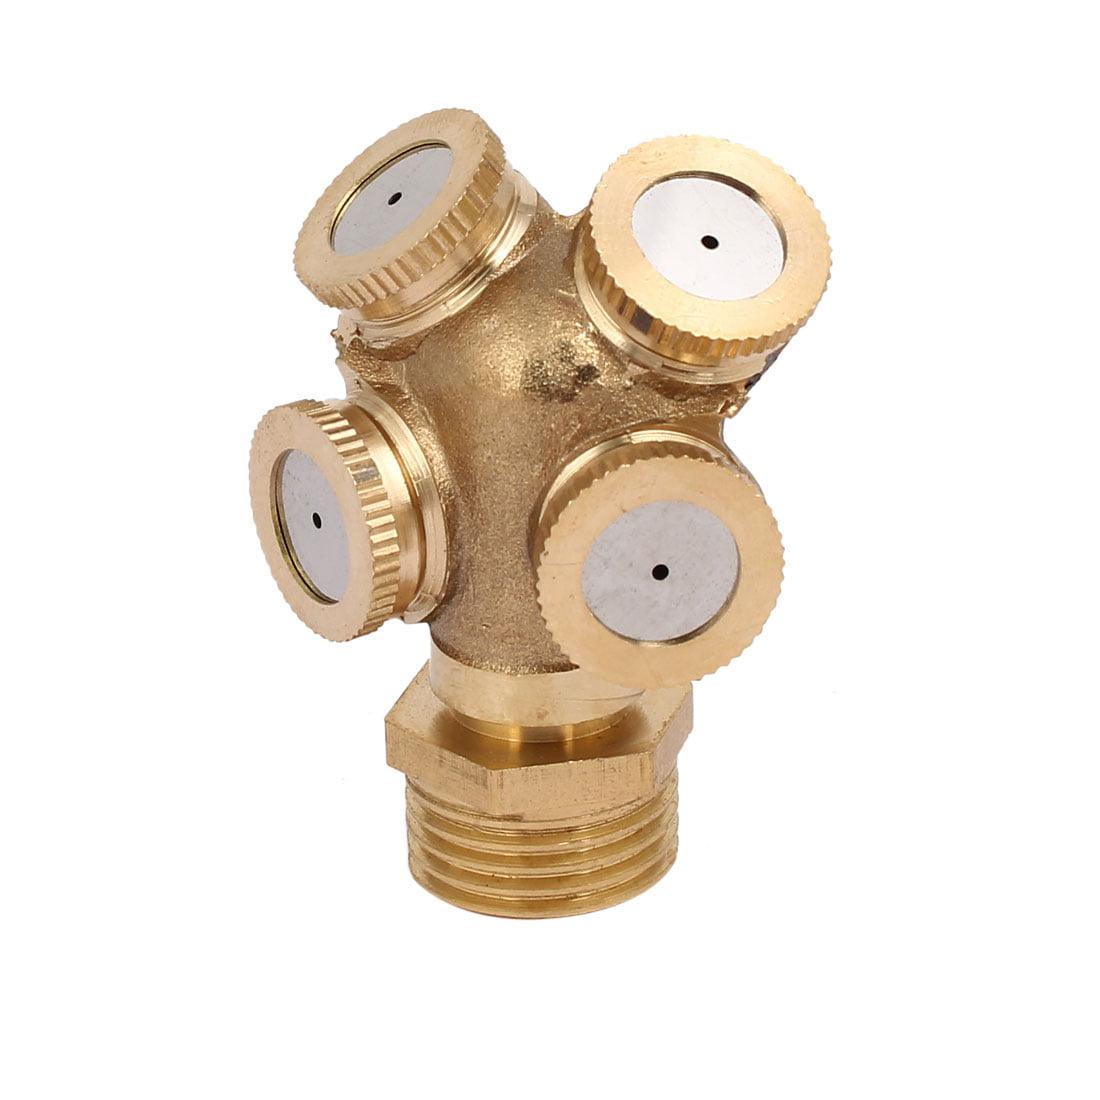 1/2BSP DN15 4 Hole Brass Mist Spray Nozzle Garden Sprinklers Irrigation Fitting